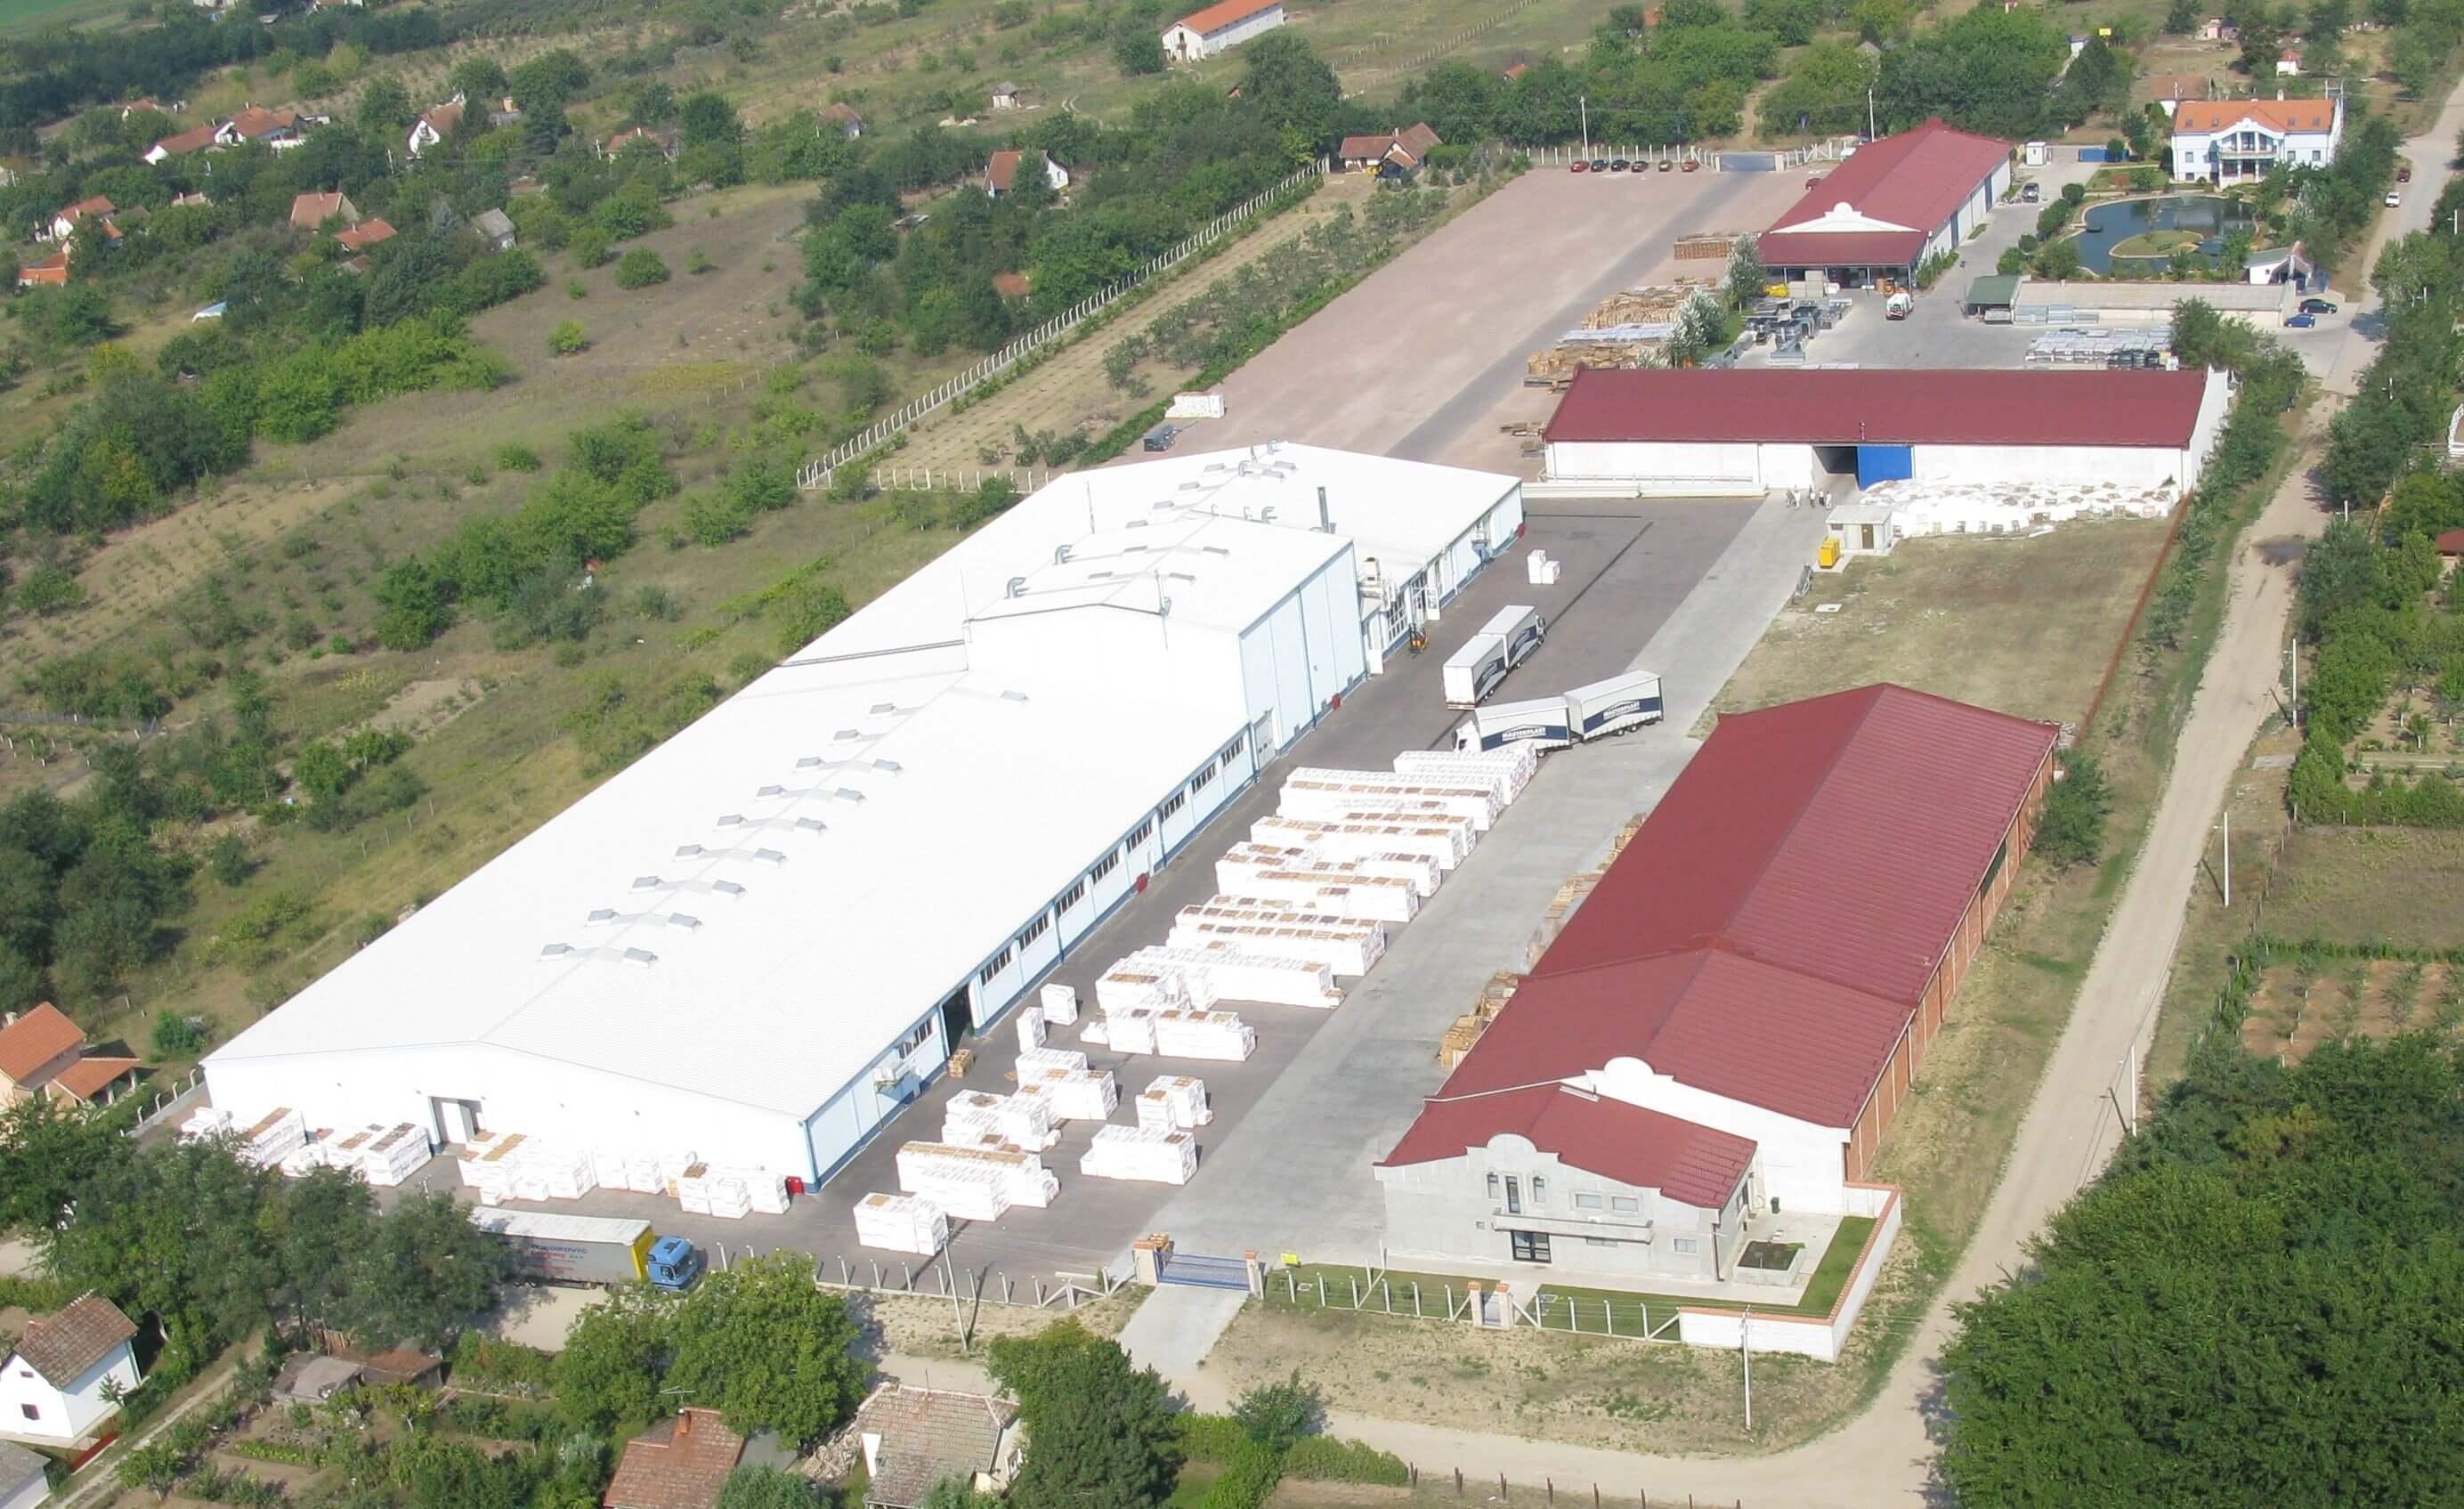 Hatékonysága növelésével maradt nyereséges a magyar építőipari gyártó